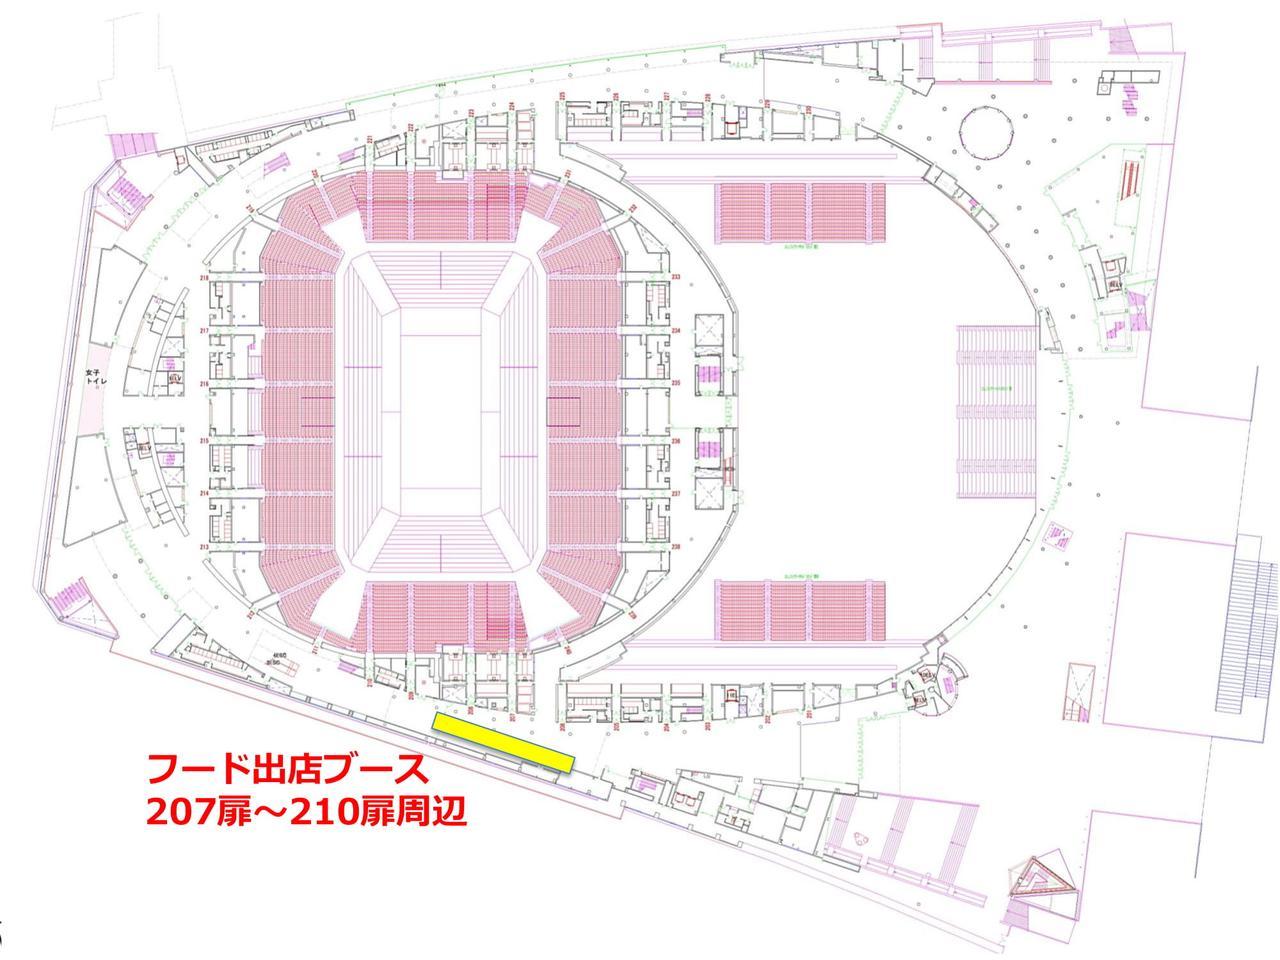 画像2: 【飲食情報】7.29『RIZIN.11』グルメ情報!